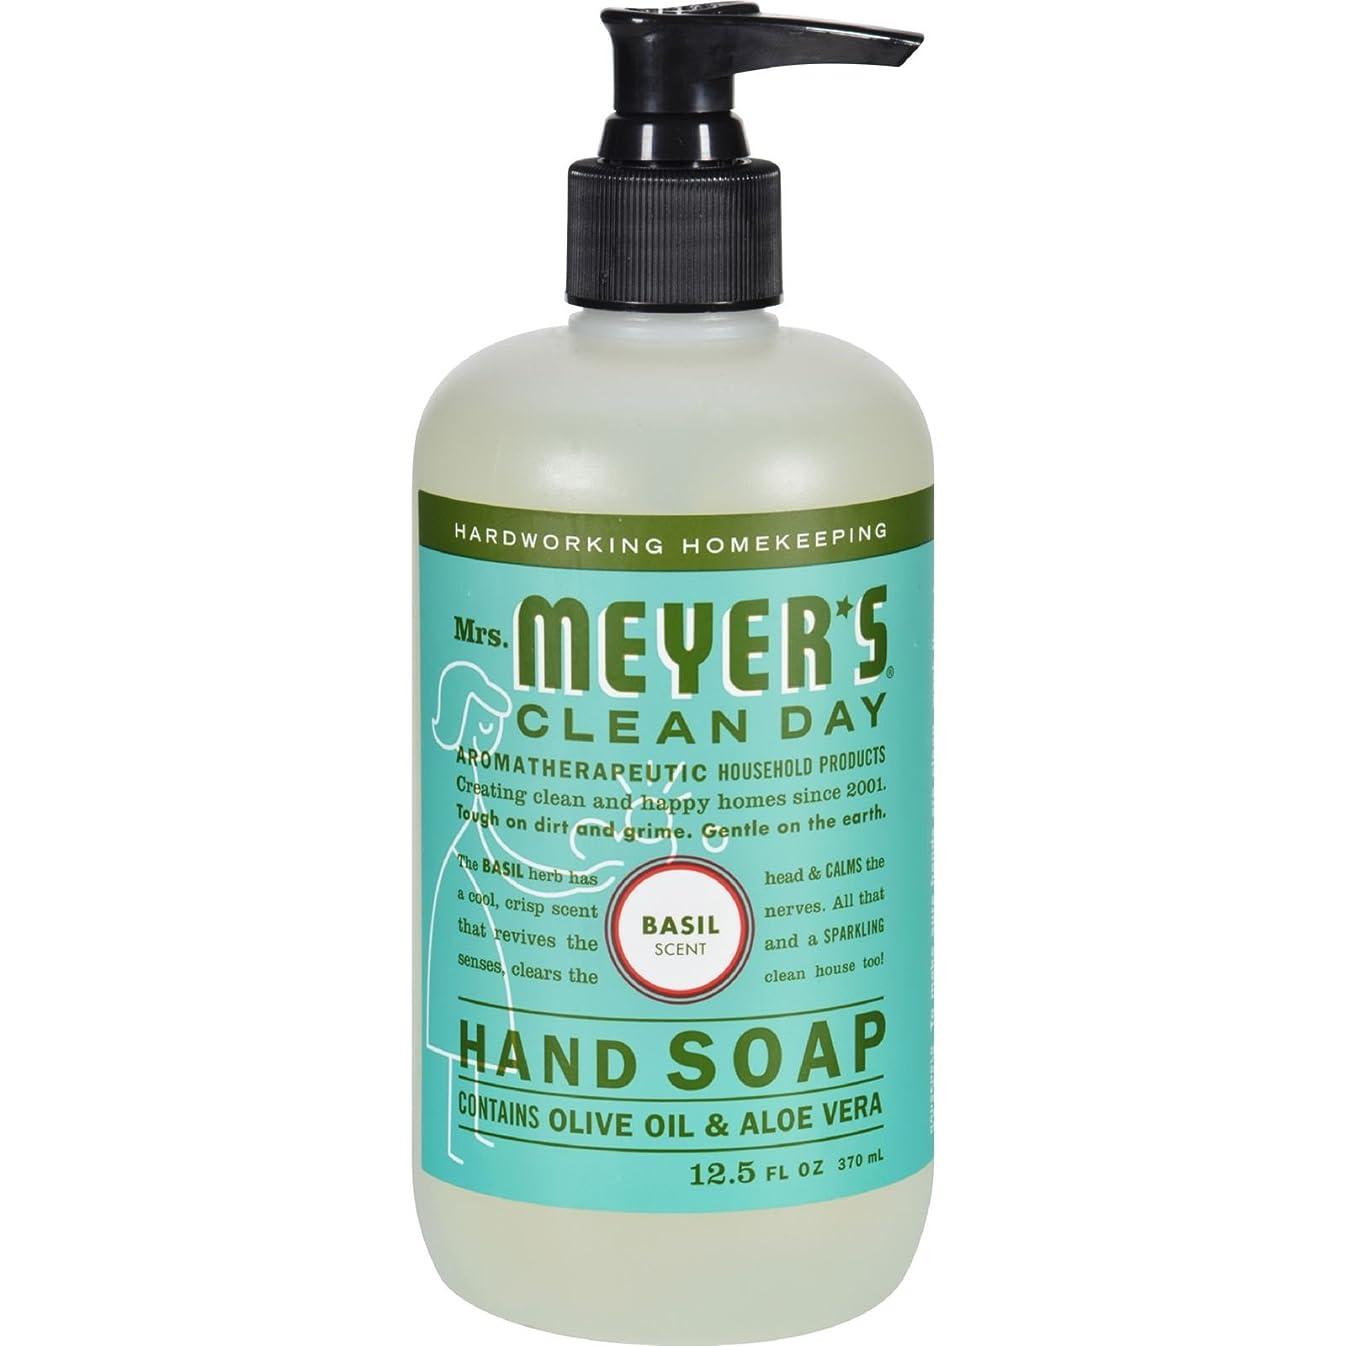 世論調査スノーケル第三MRS. MEYER'S HAND SOAP,LIQ,BASIL, 12.5 FZ by Mrs. Meyer's Clean Day